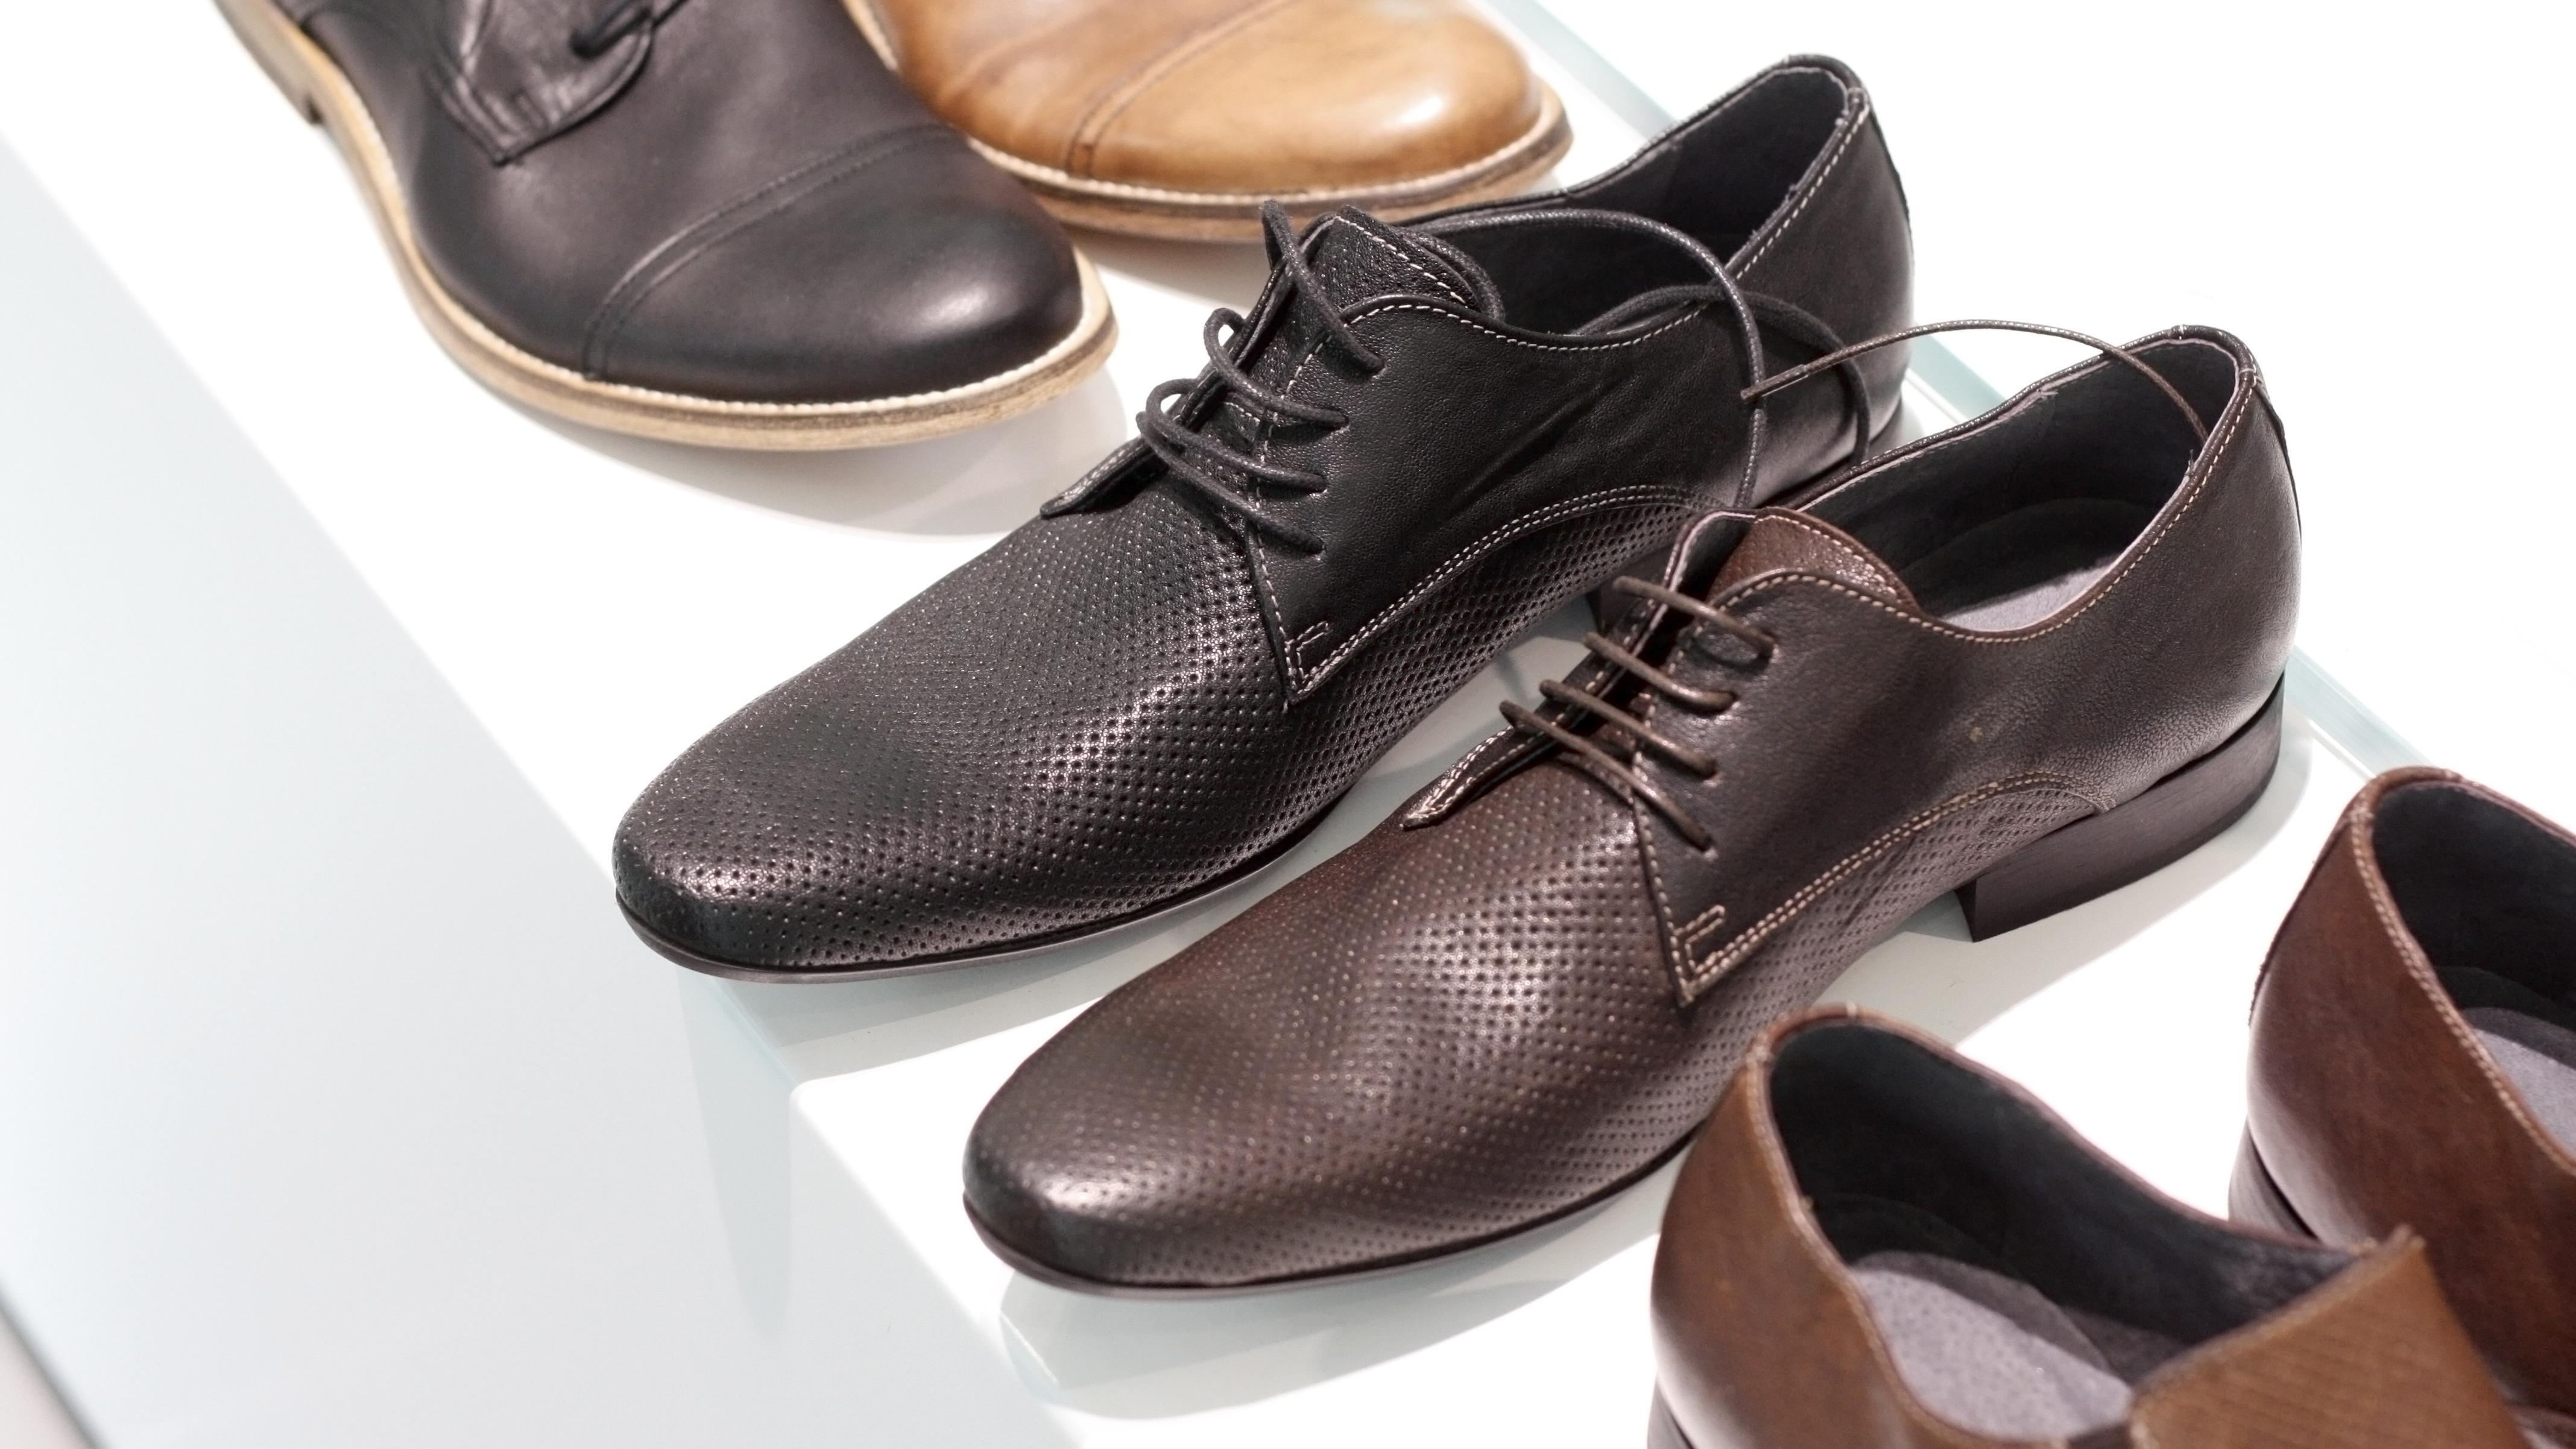 Schuhe zu eng: Die besten Tipps und Tricks